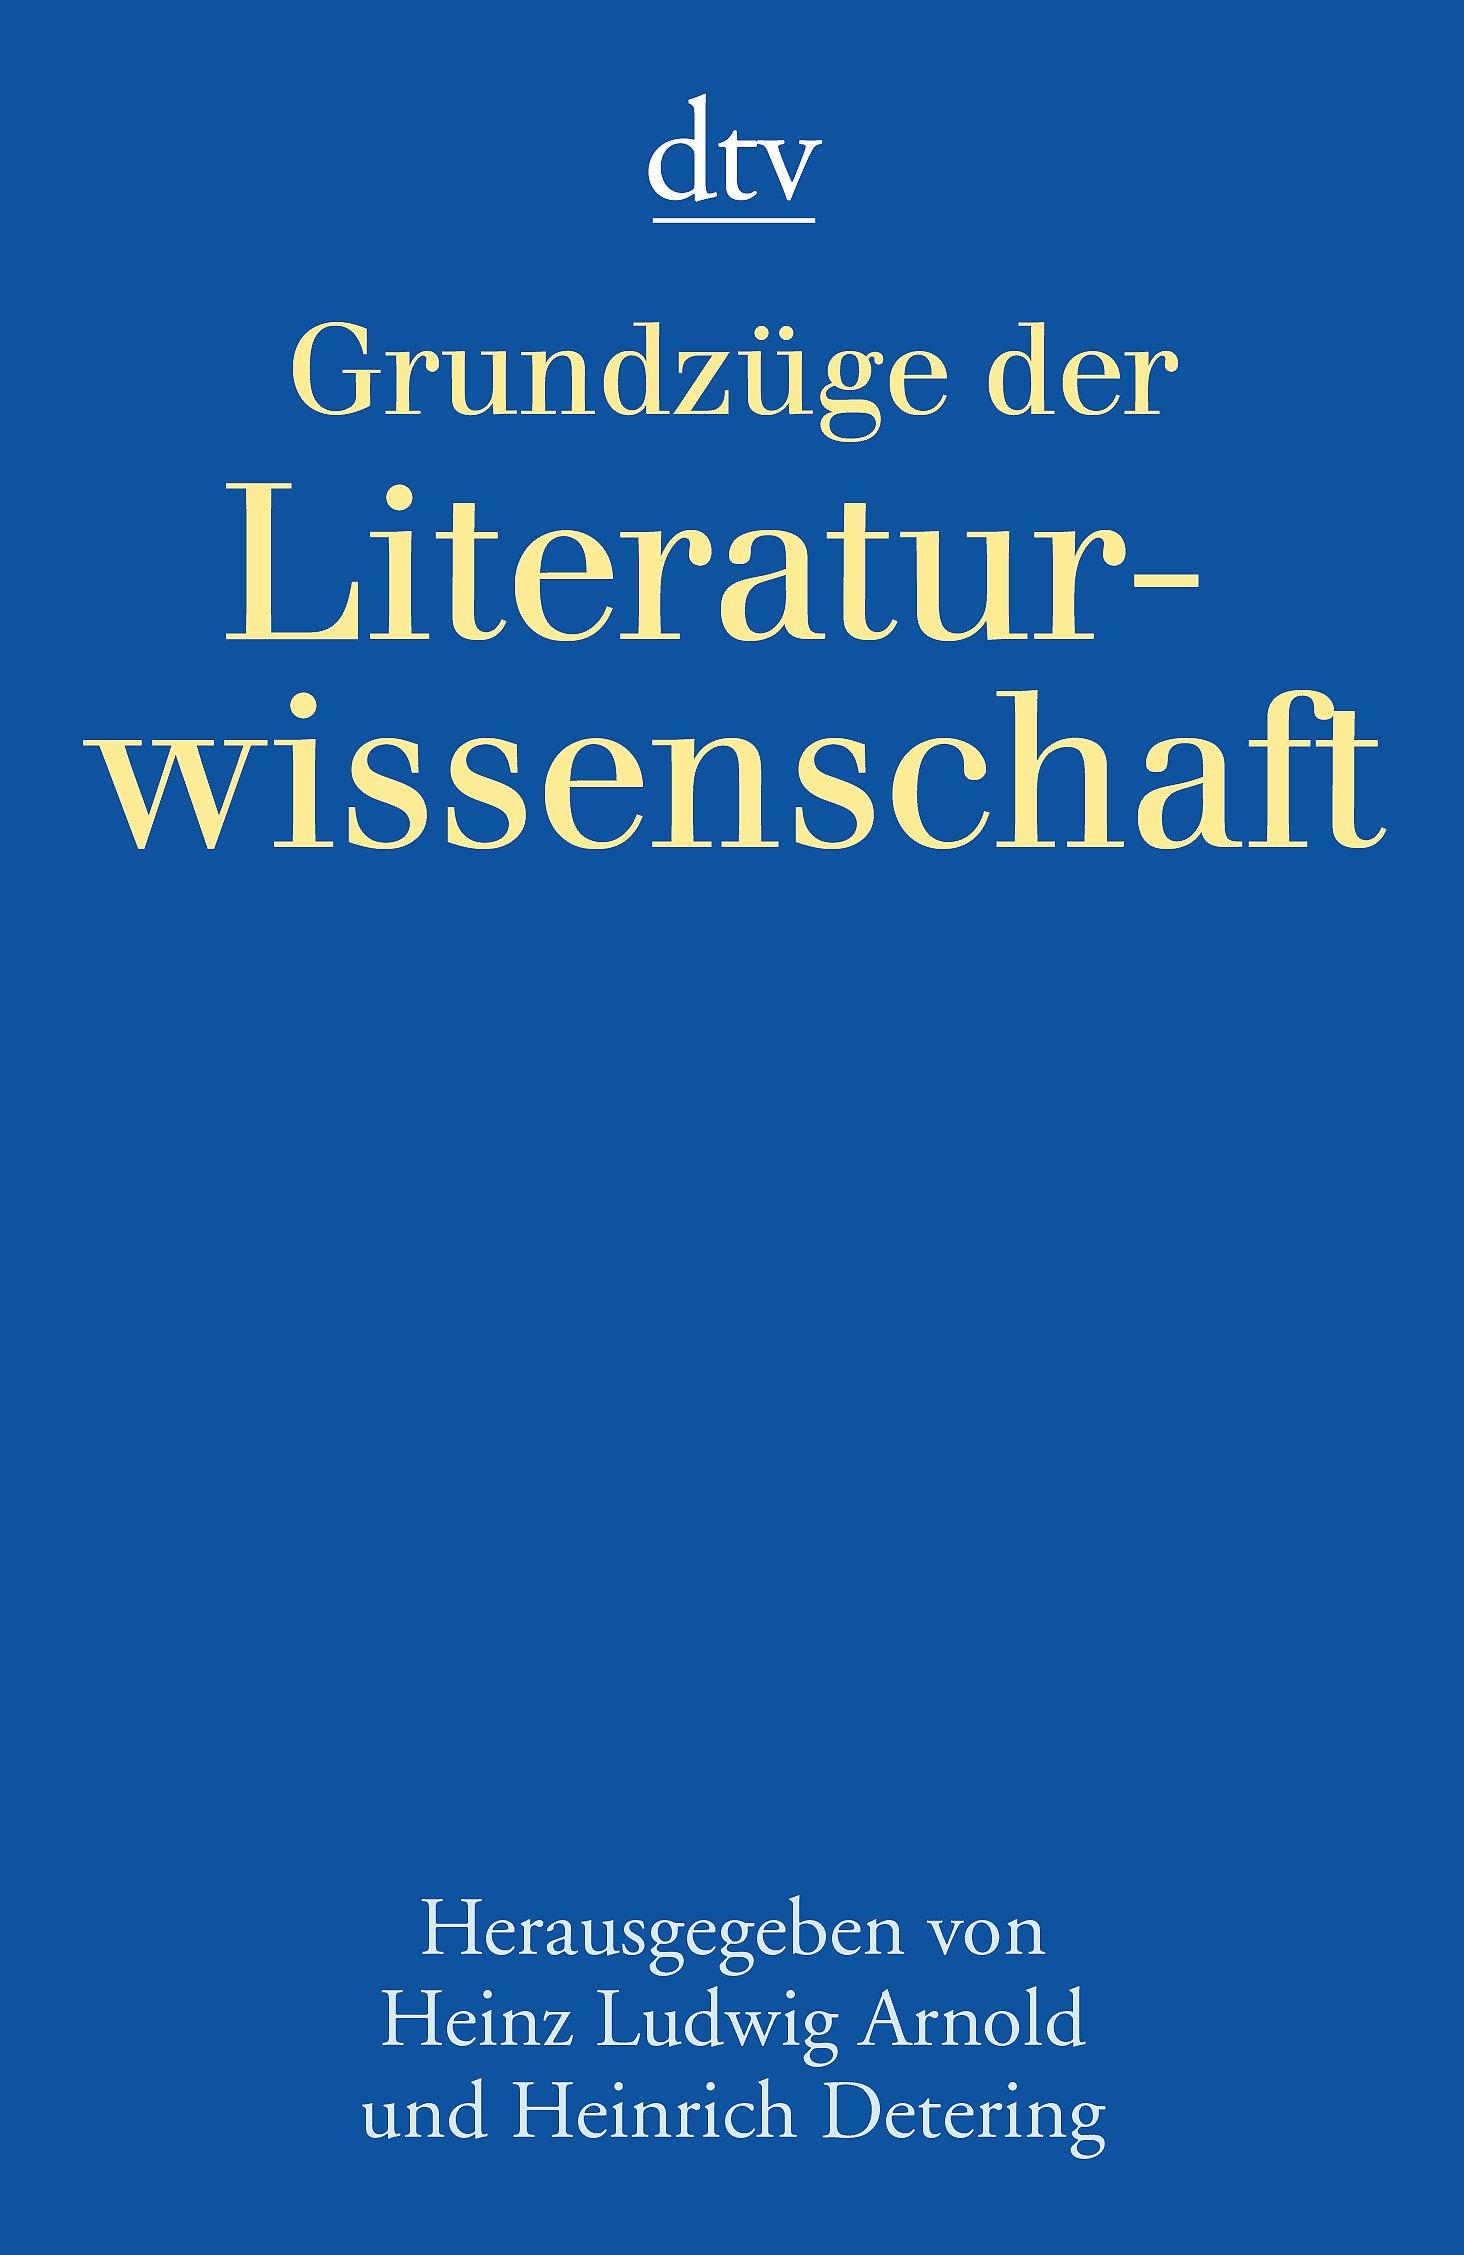 Grundzüge der Literaturwissenschaft